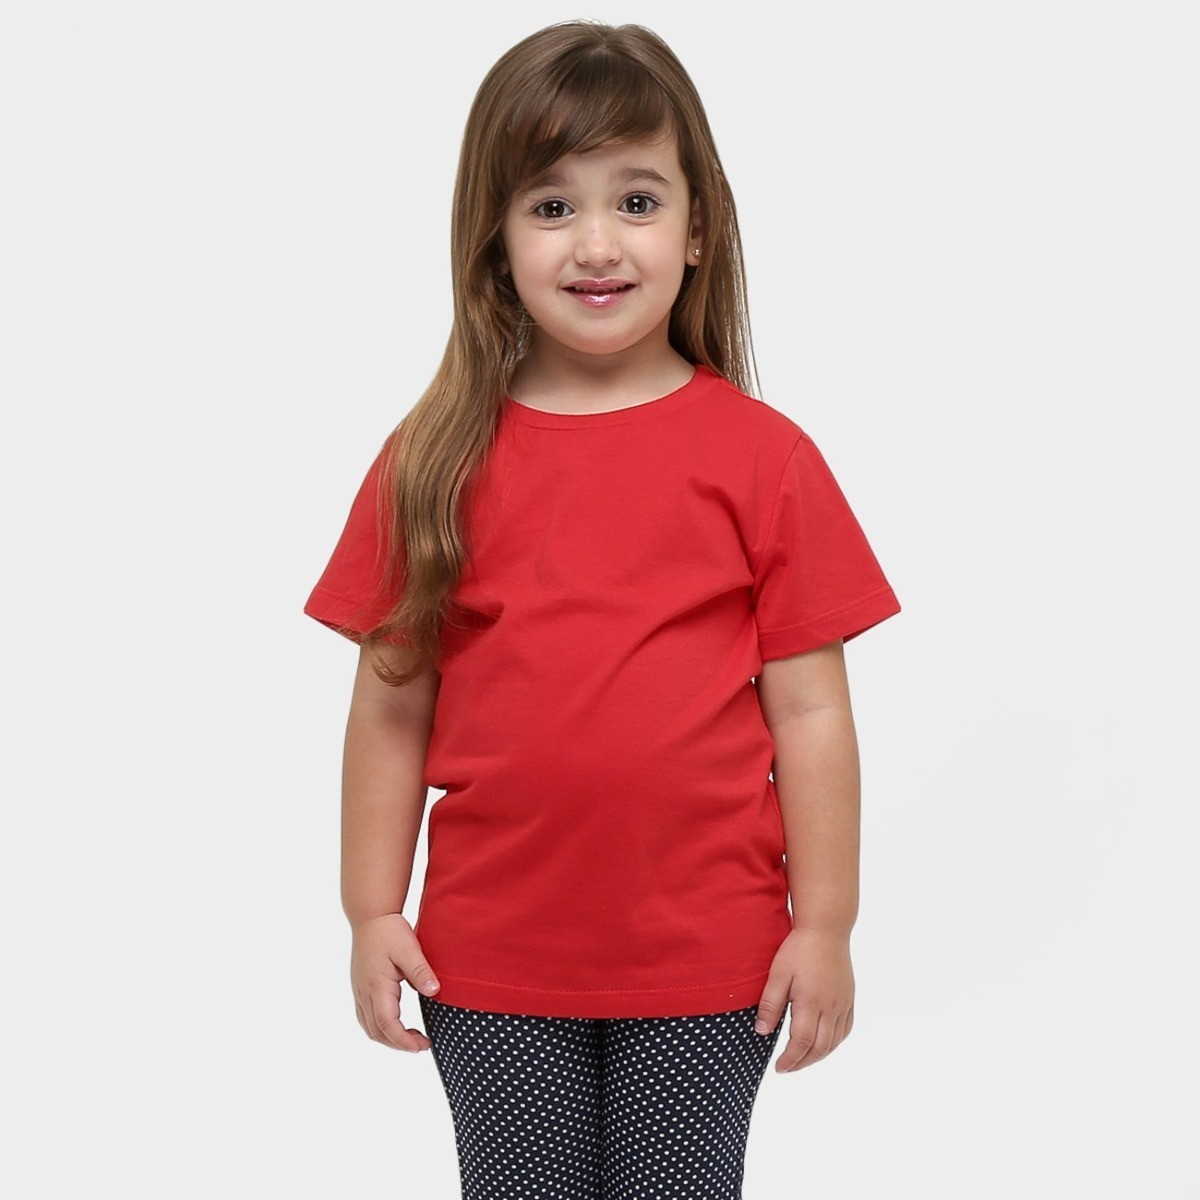 271c78dabc Camiseta Infantil Básica Lisa Algodão Unissex Vermelha no Elo7 ...